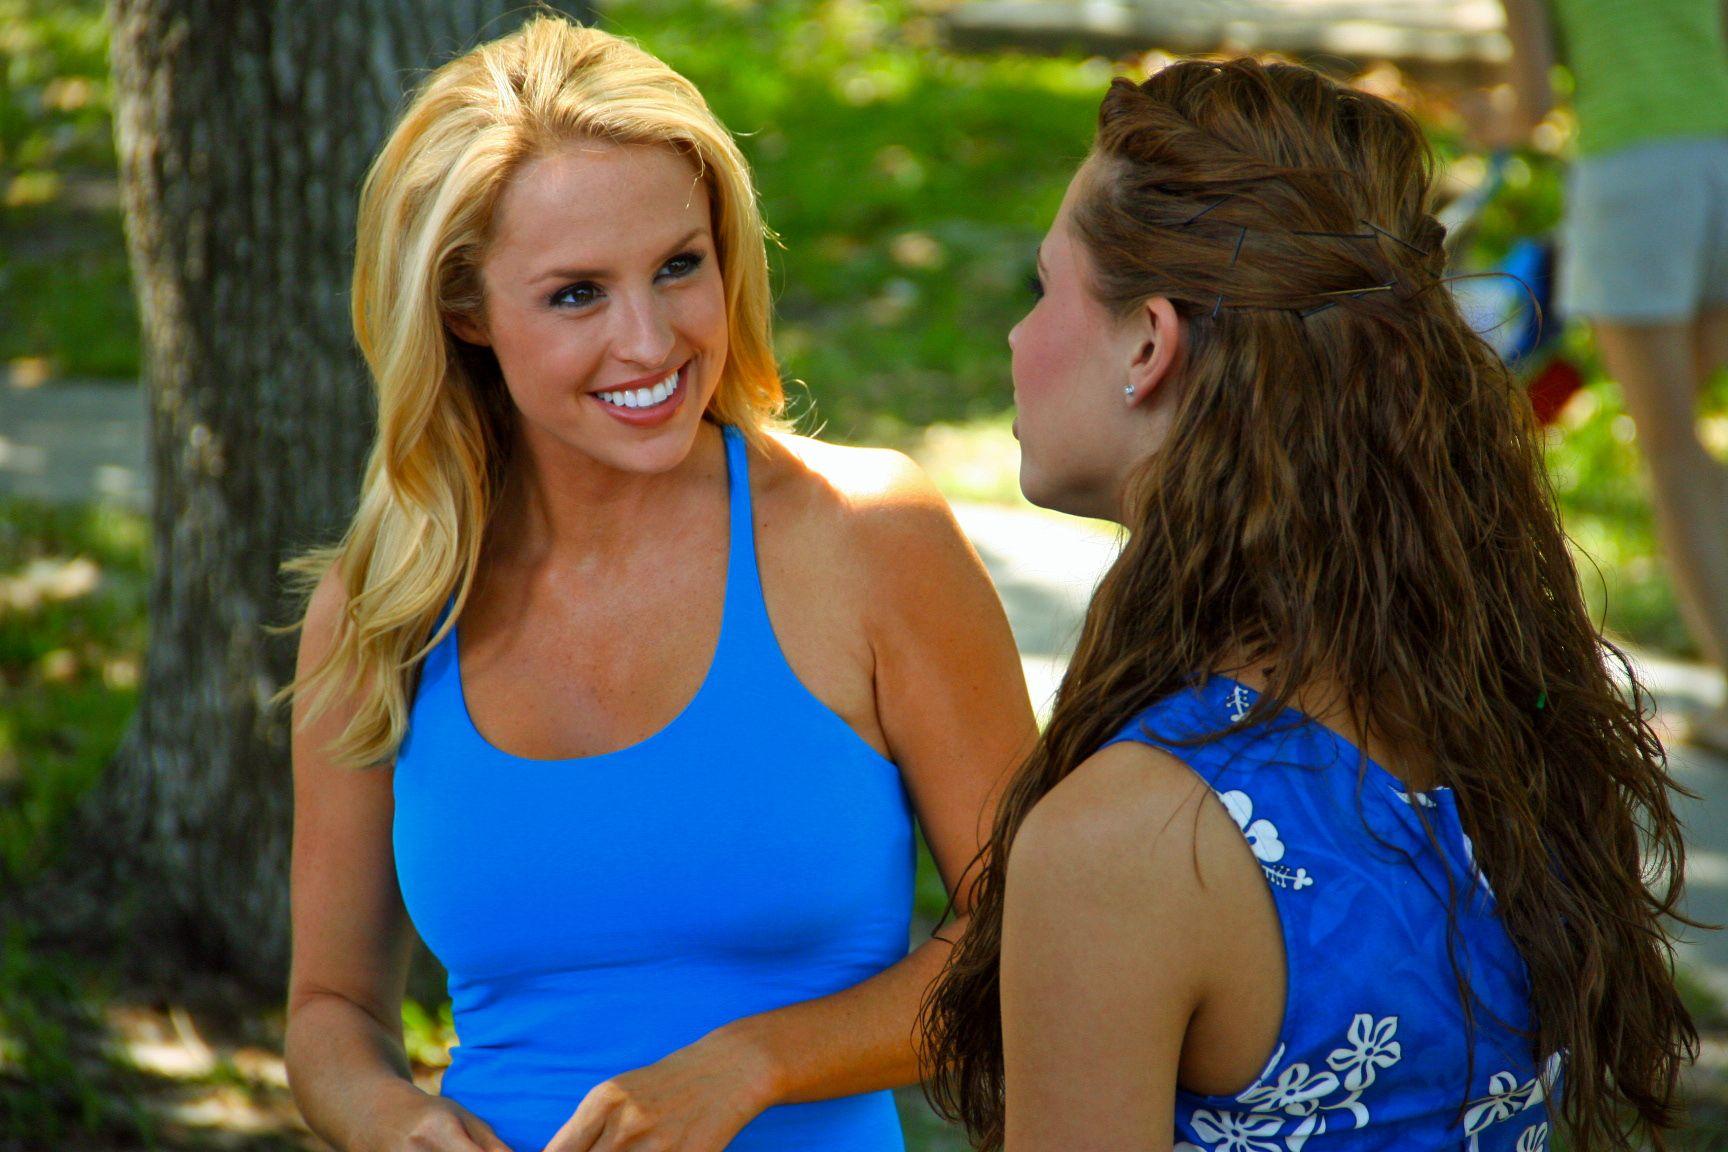 golf channel host lauren thompson interviews mermaid rebecca golf channel host lauren thompson interviews mermaid rebecca